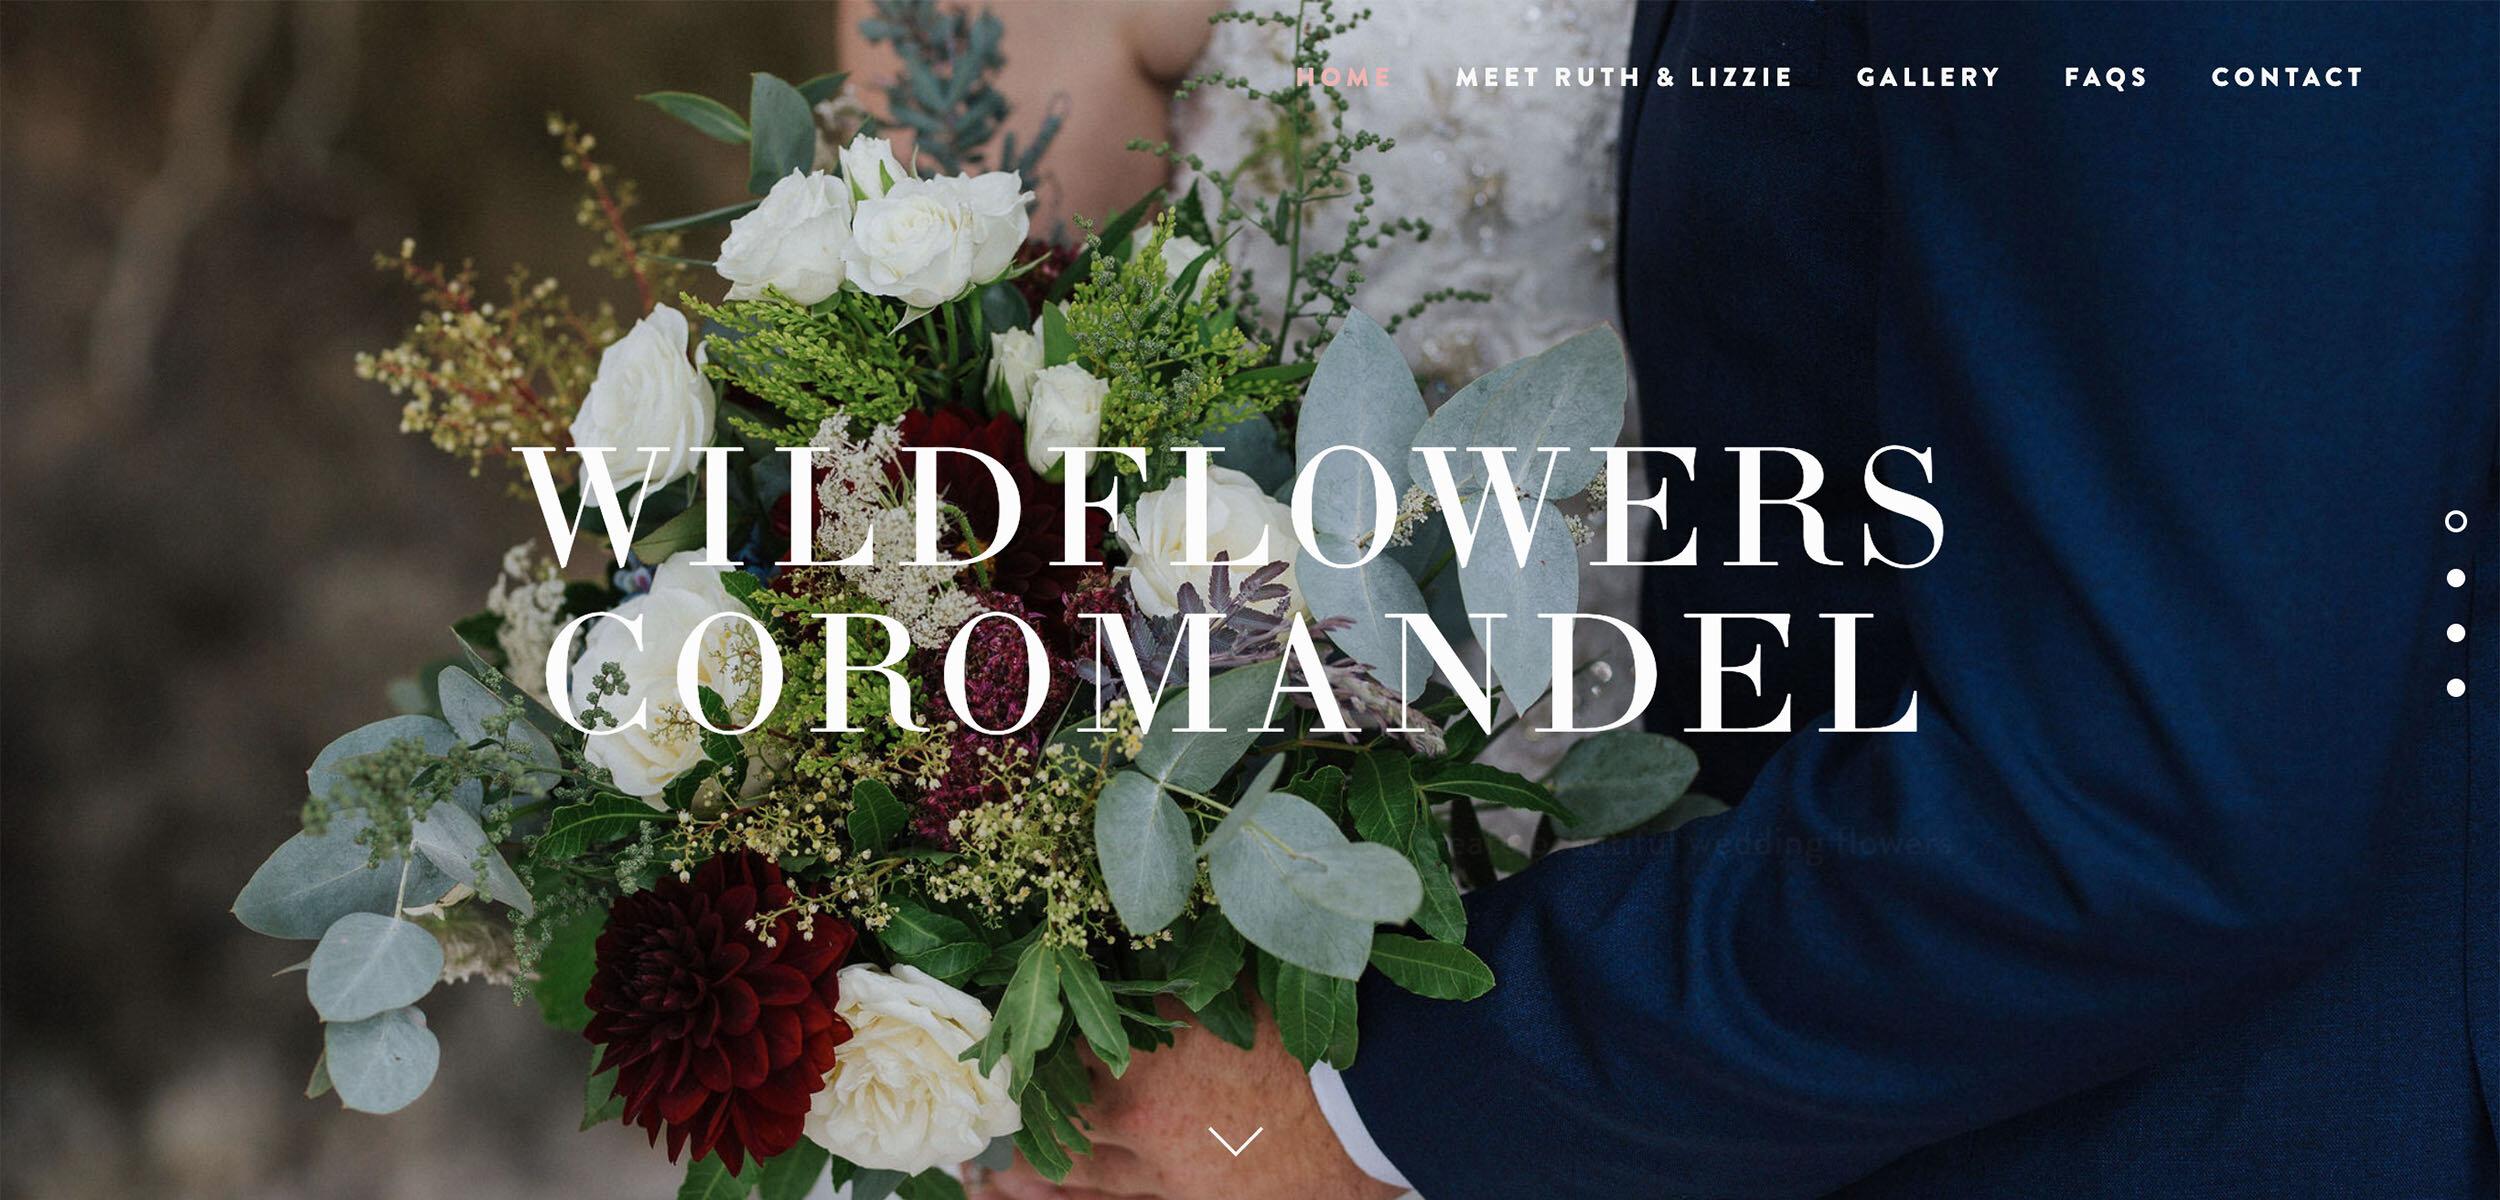 wildflowers-coromandel-screengrab.jpg